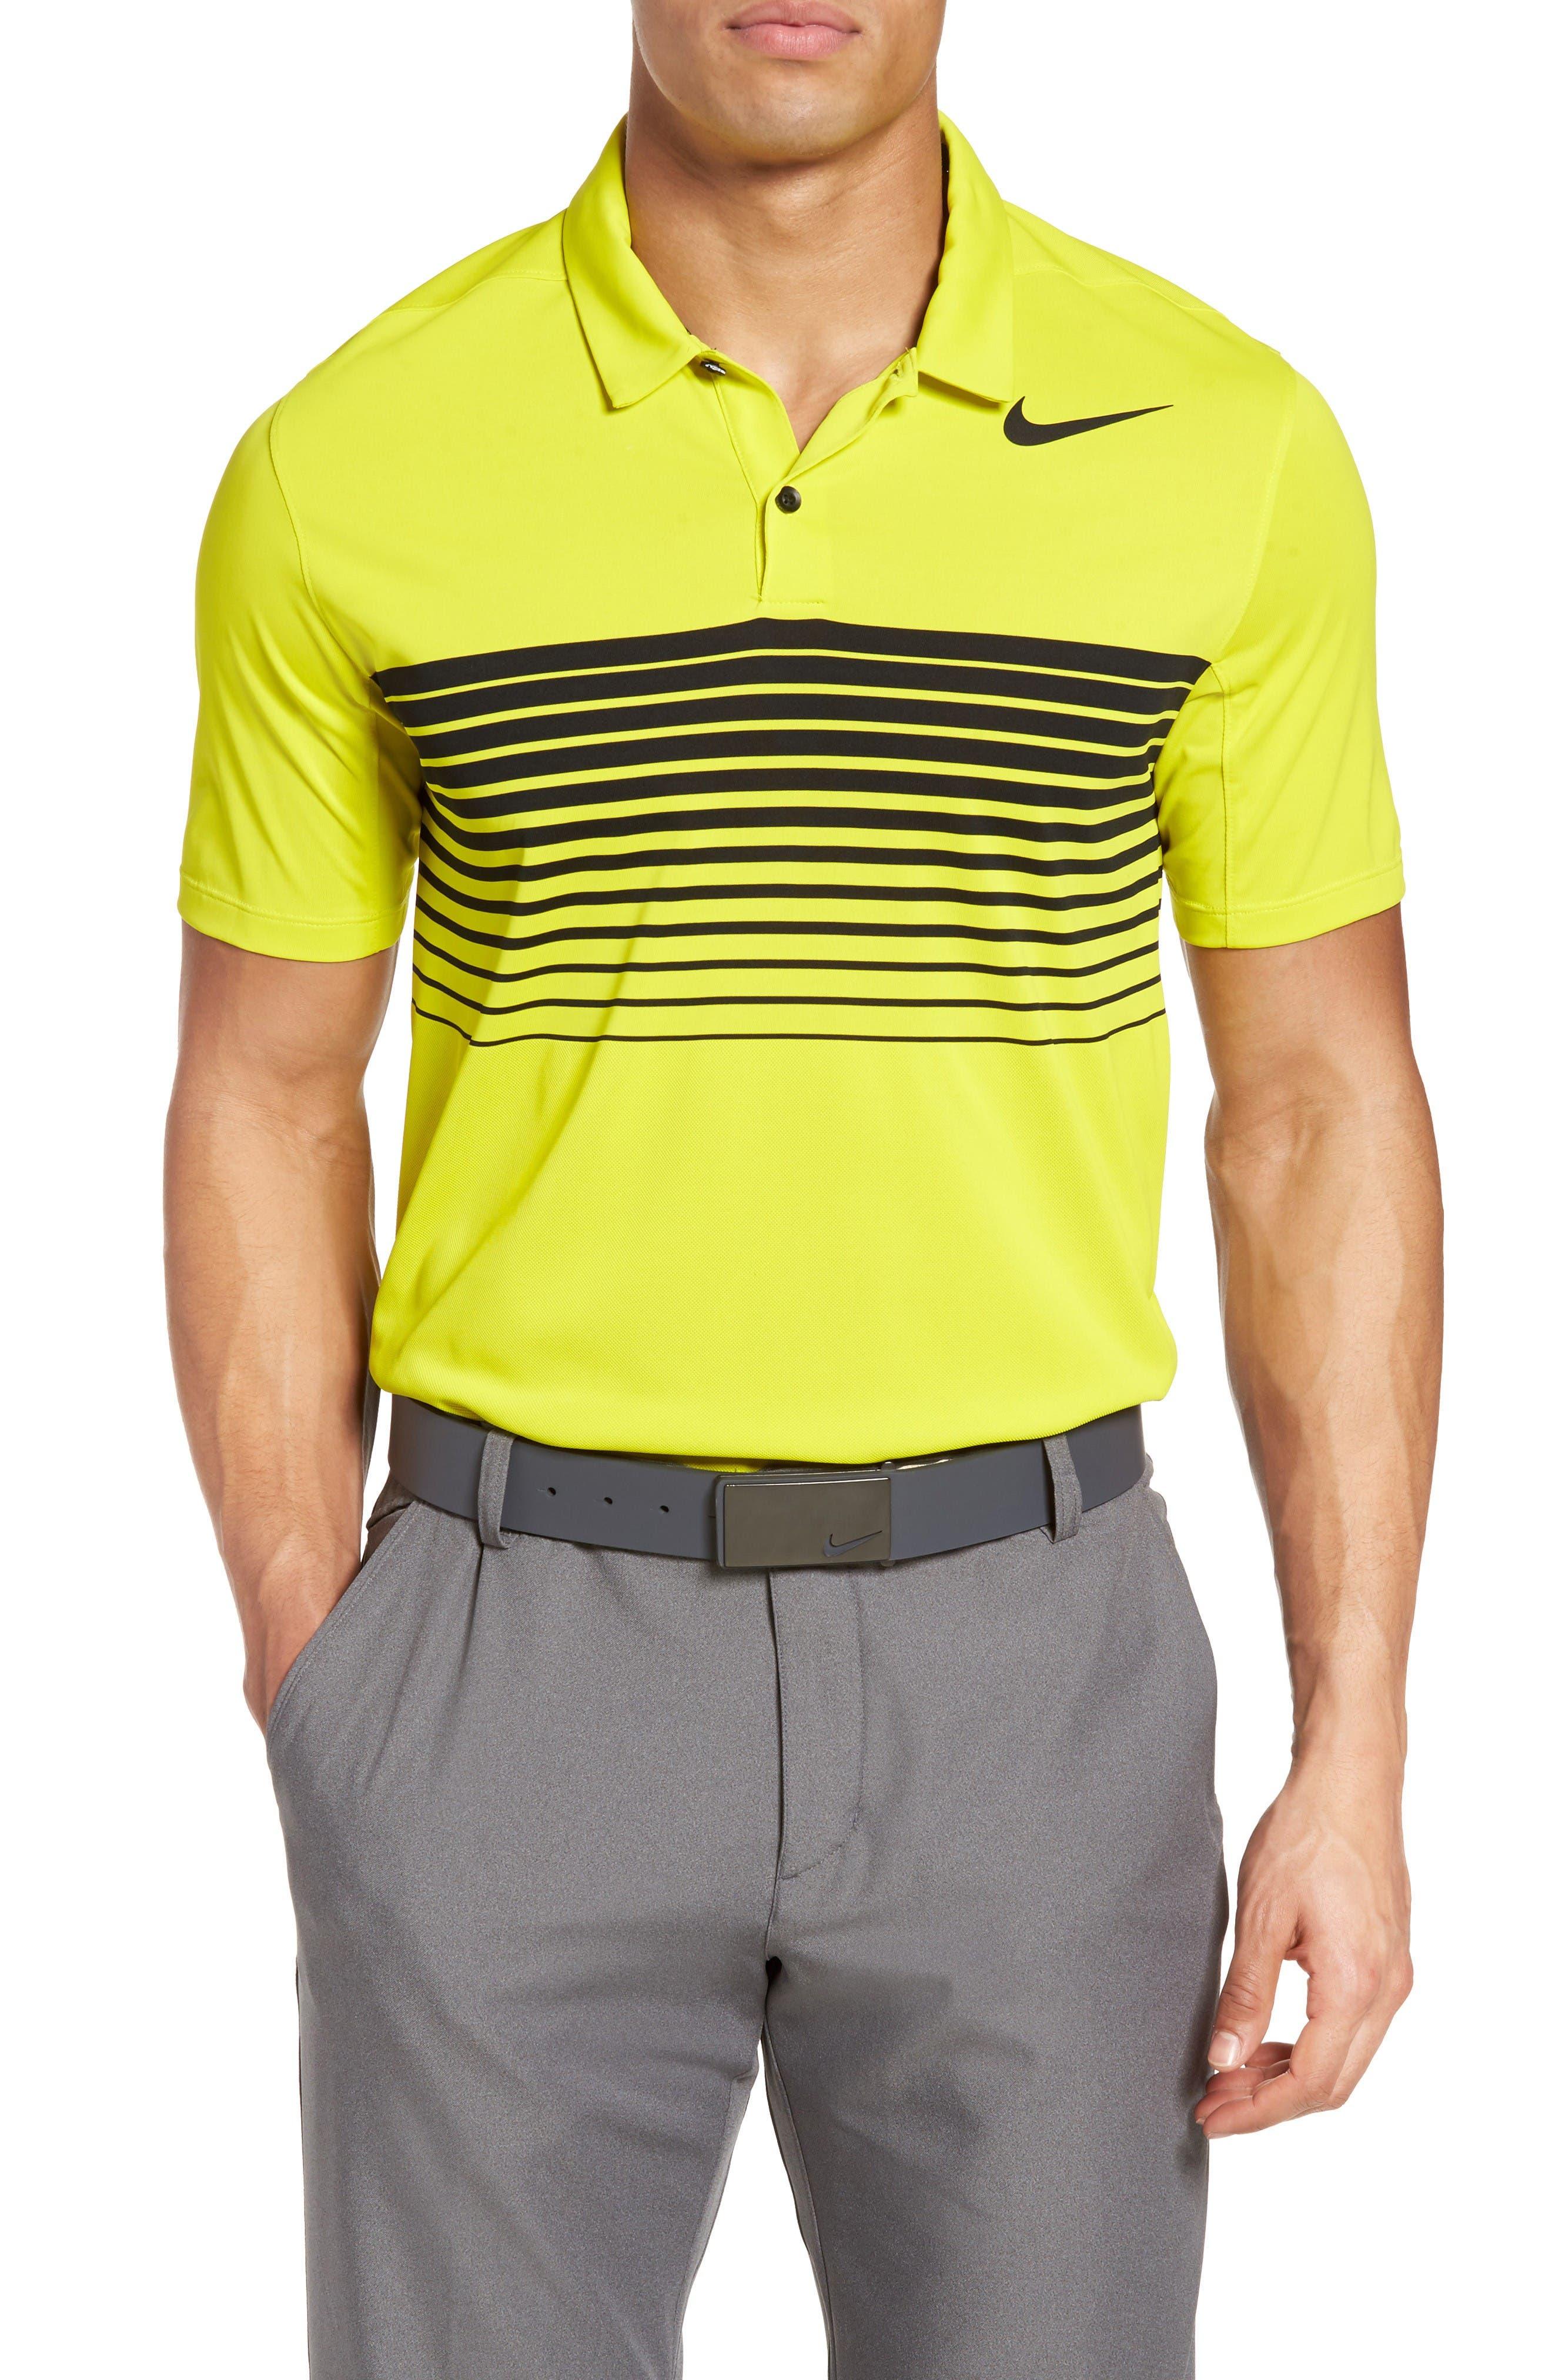 Nike Mobility Speed Stripe Stretch Golf Polo